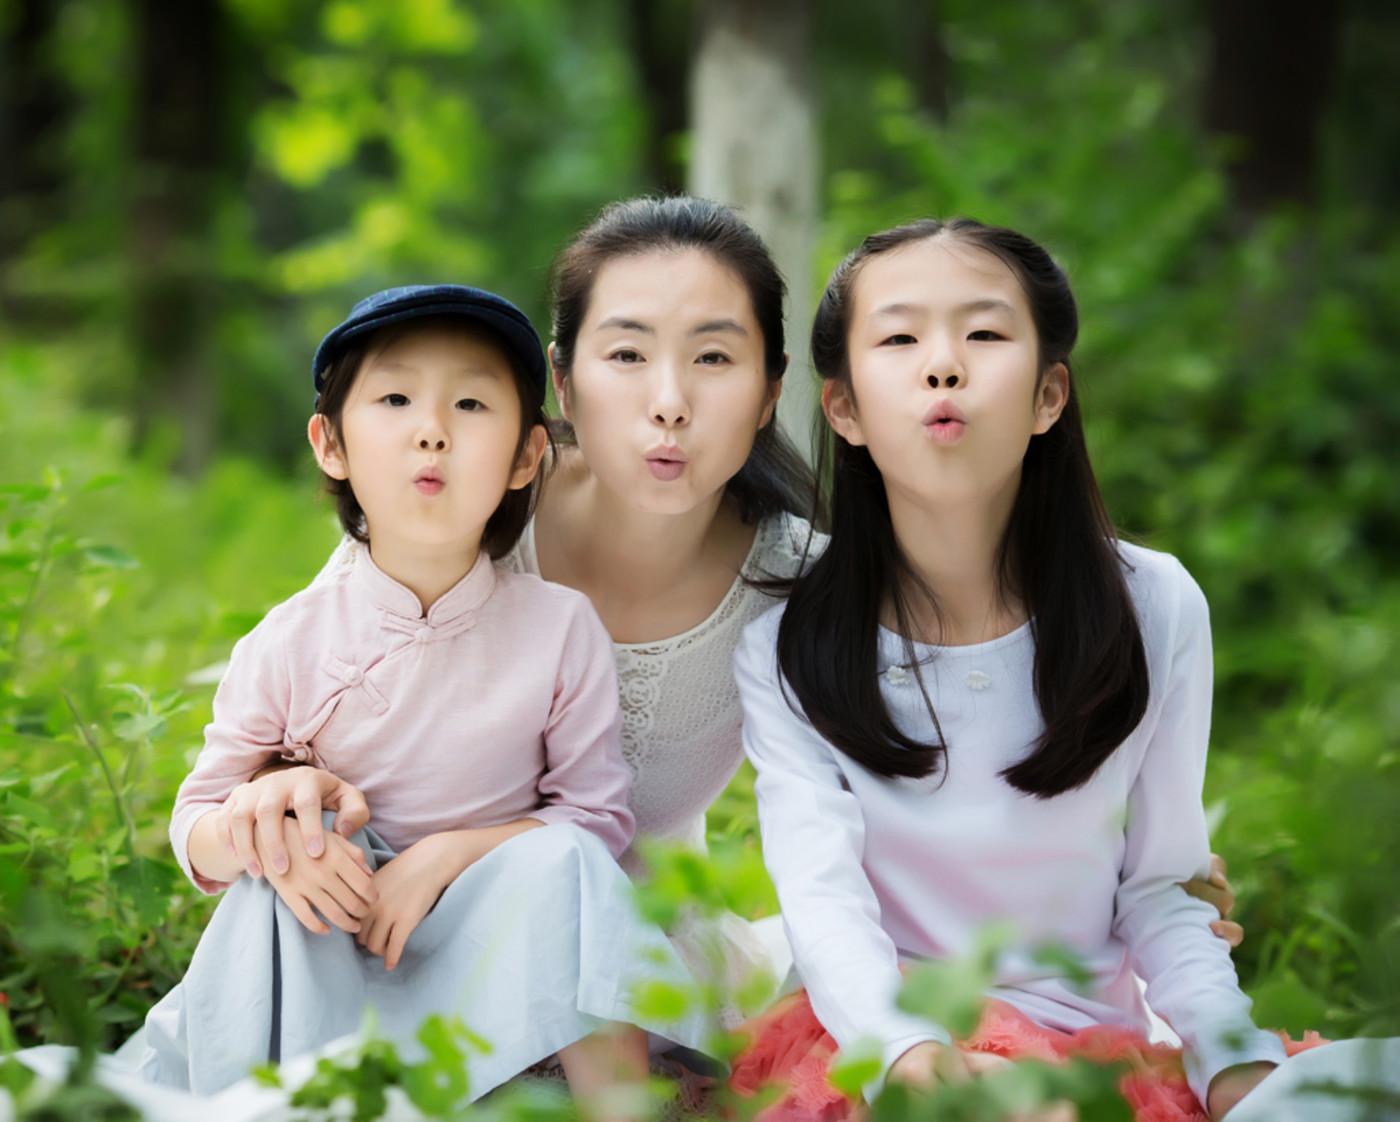 盛夏时节-带孩子们拍起来14